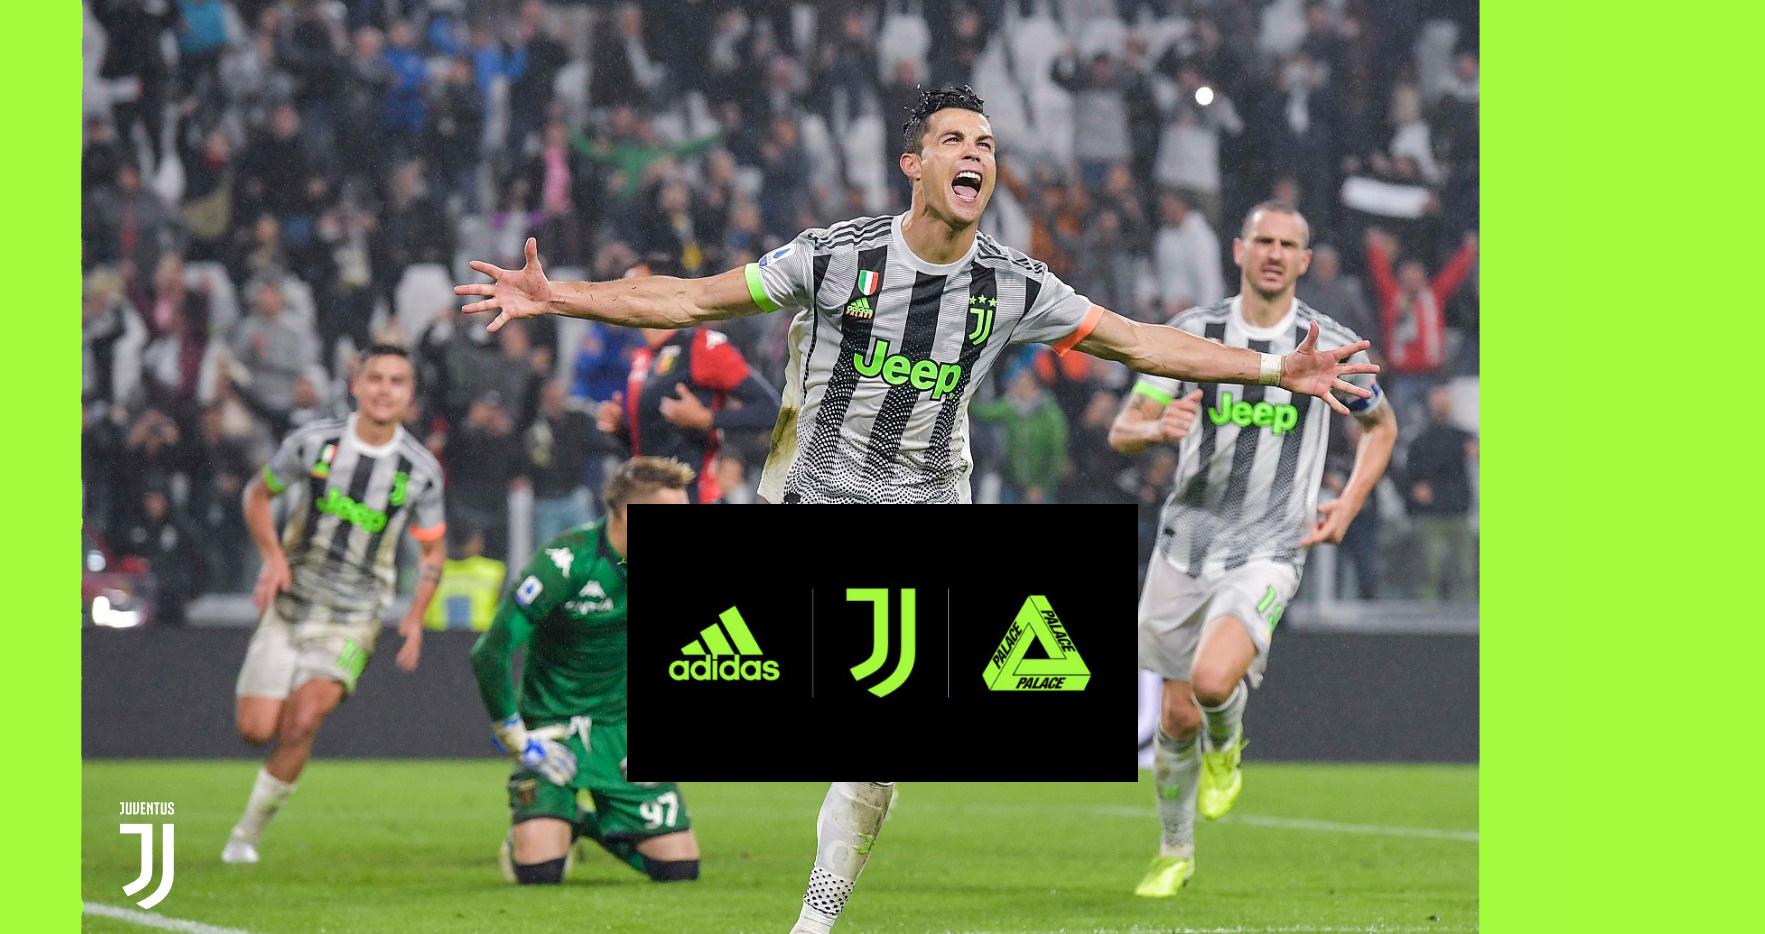 Calcio E Streetwear La Juventus Di Cristiano Ronaldo Sceglie Palace